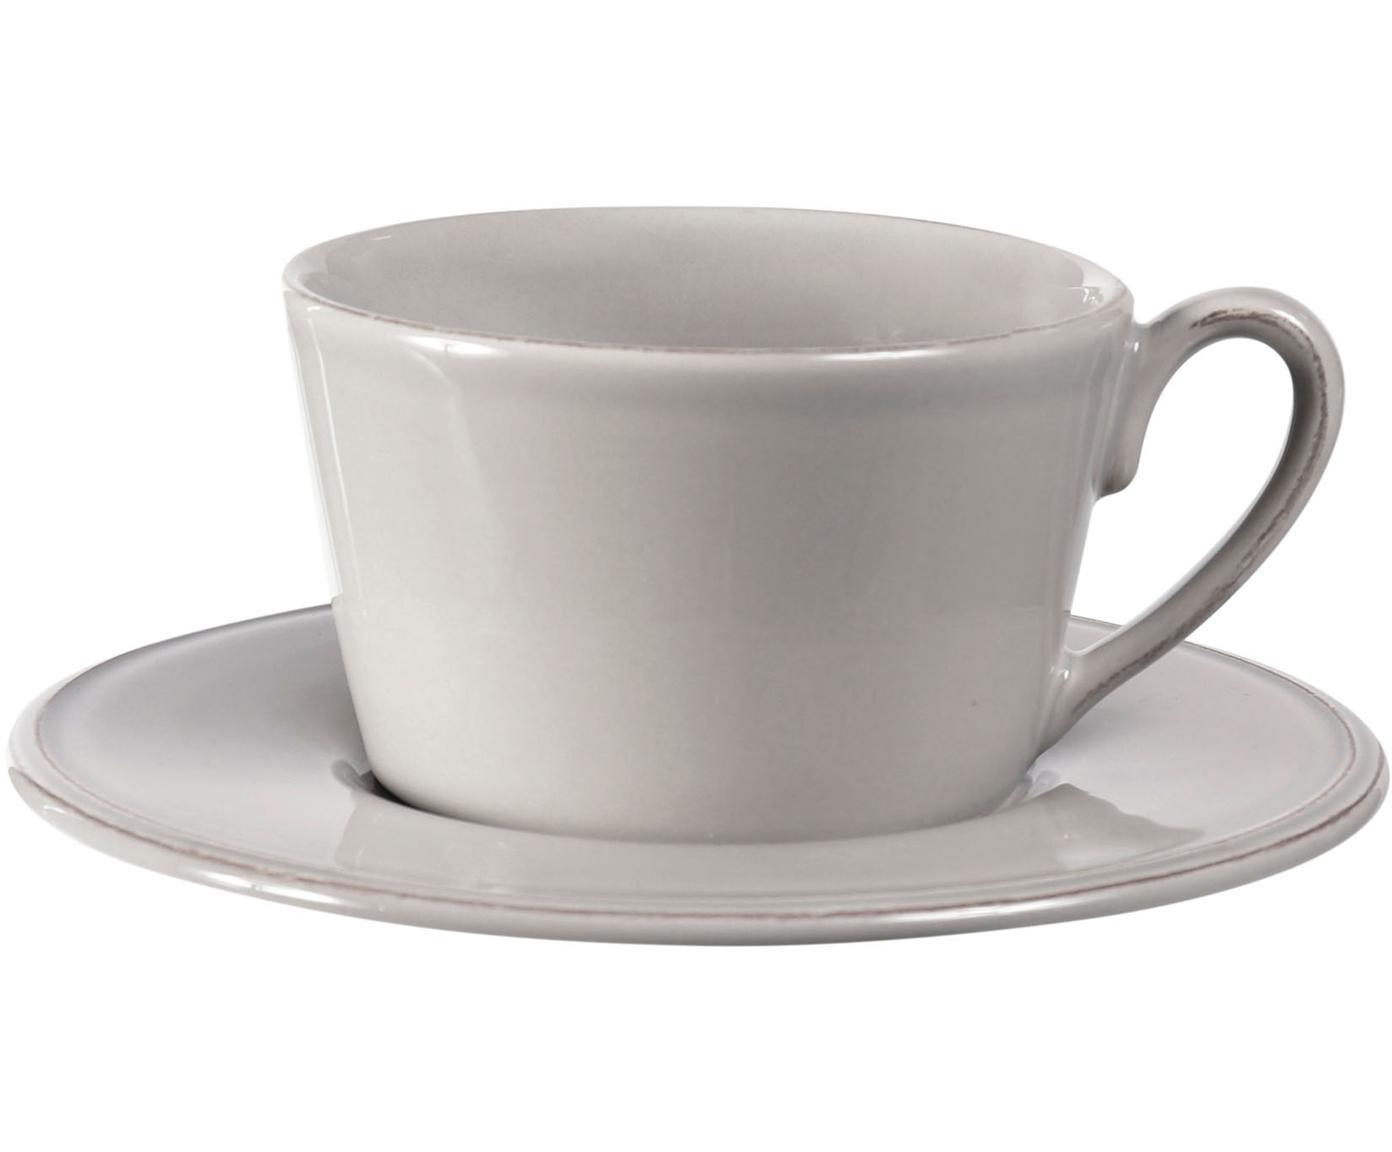 Taza de té con platito Constance, Gres, Gris, Ø 19 x Al 8 cm